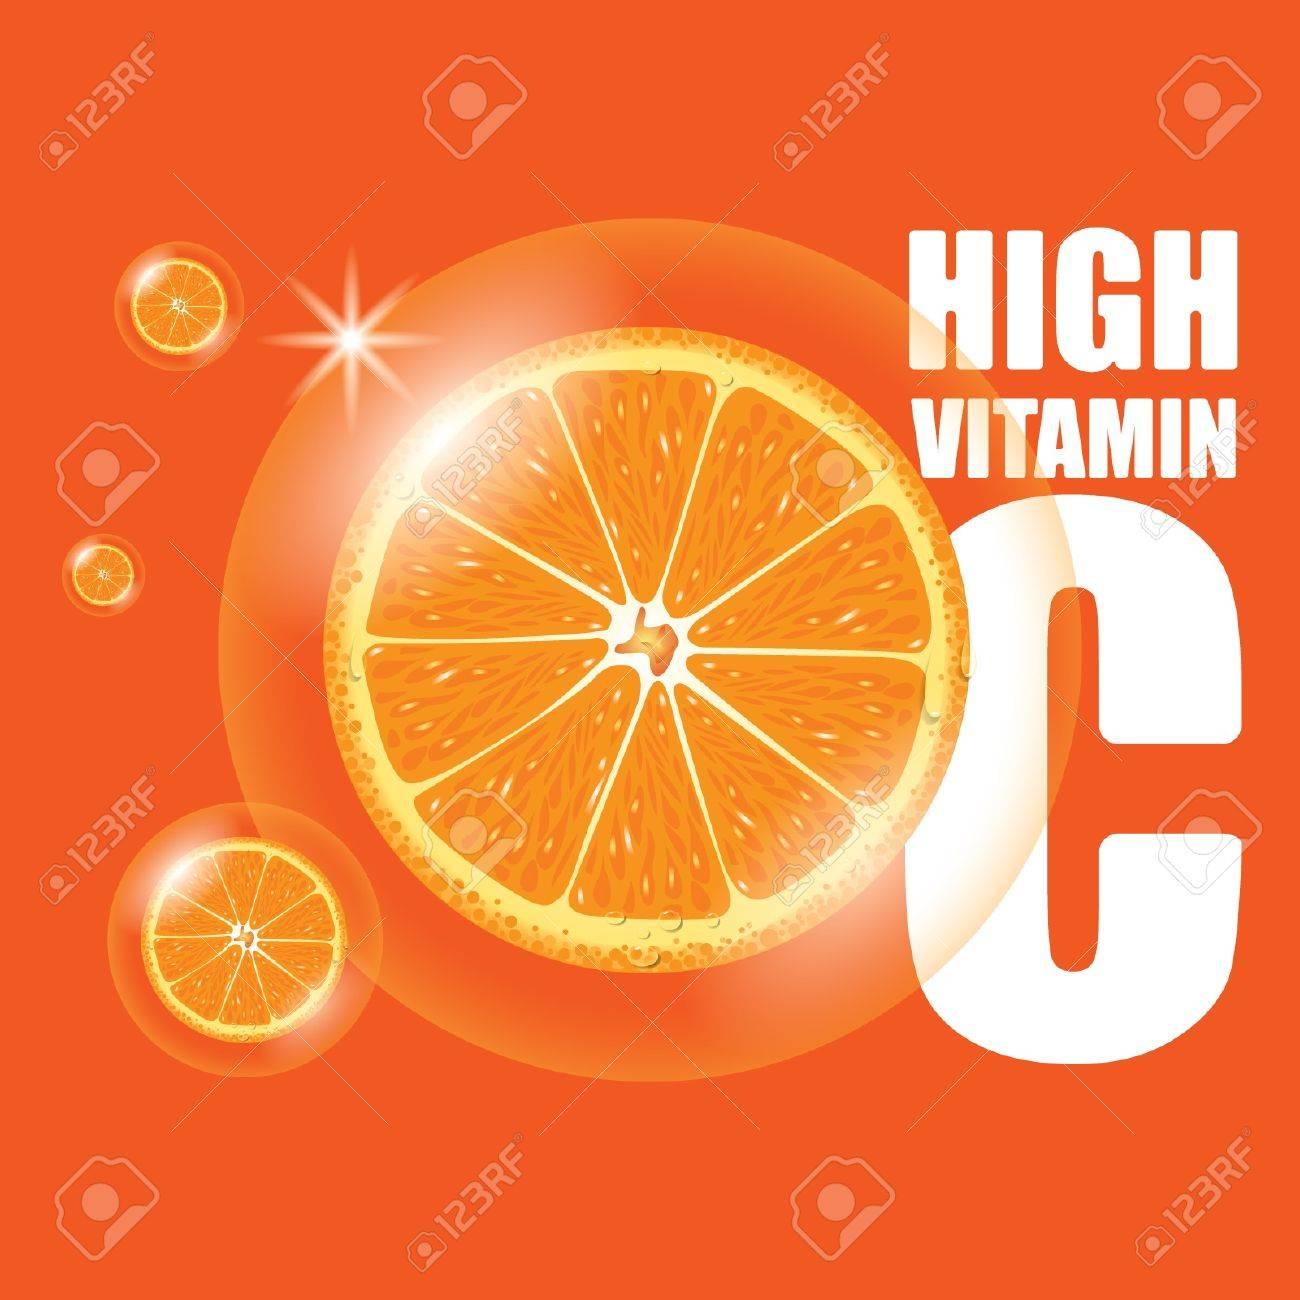 Orange Élevée En Vitamine C Clip Art Libres De Droits , Vecteurs Et ... 01e38c32d0d